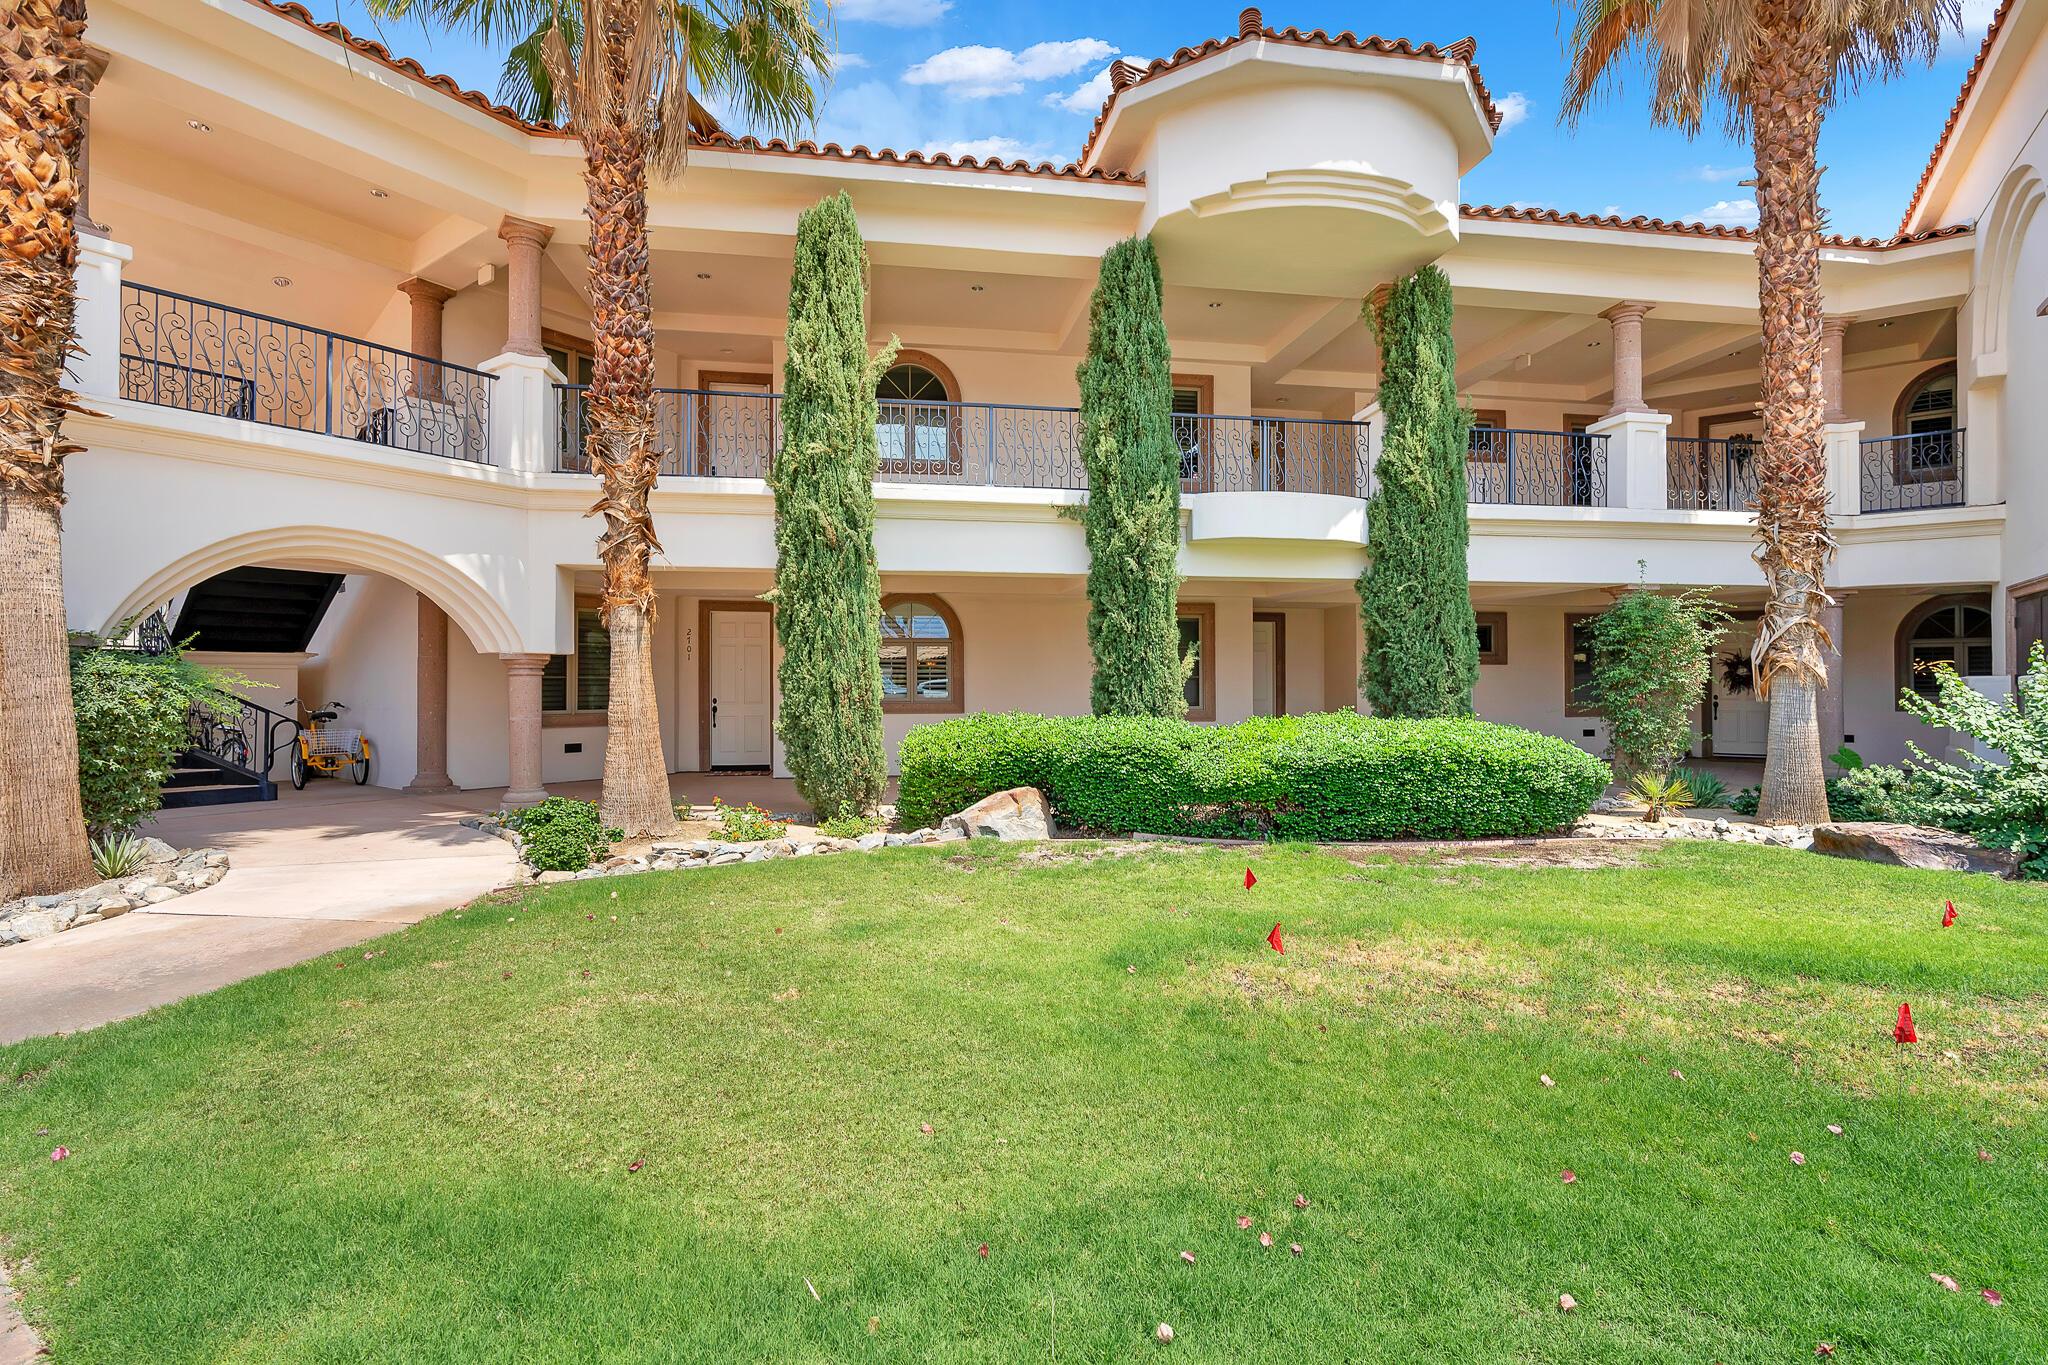 Photo of 2701 Via Calderia, Palm Desert, CA 92260